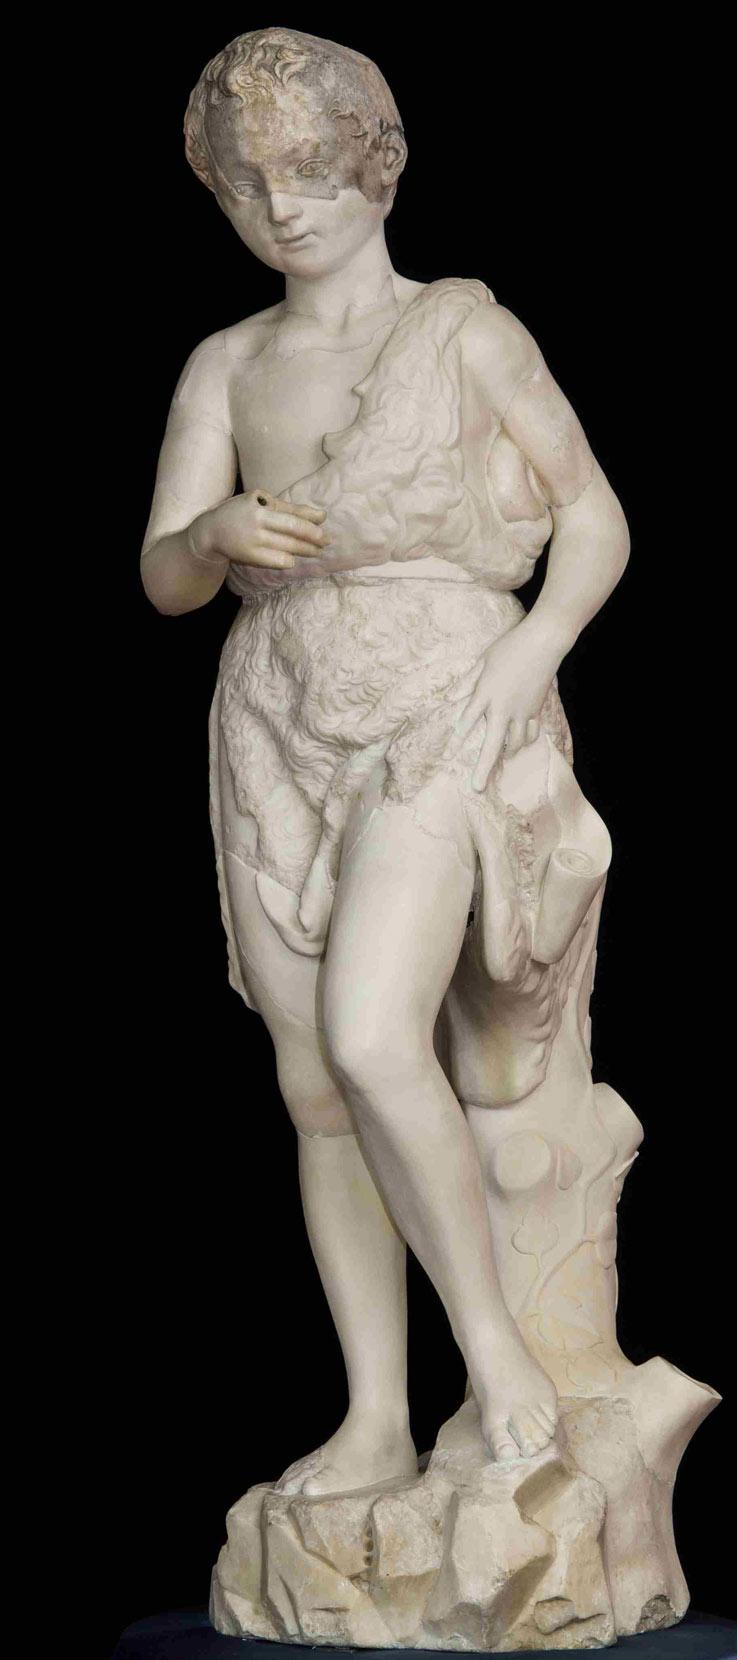 Michelangelo-San-Giovannino-Sculpture-Restored